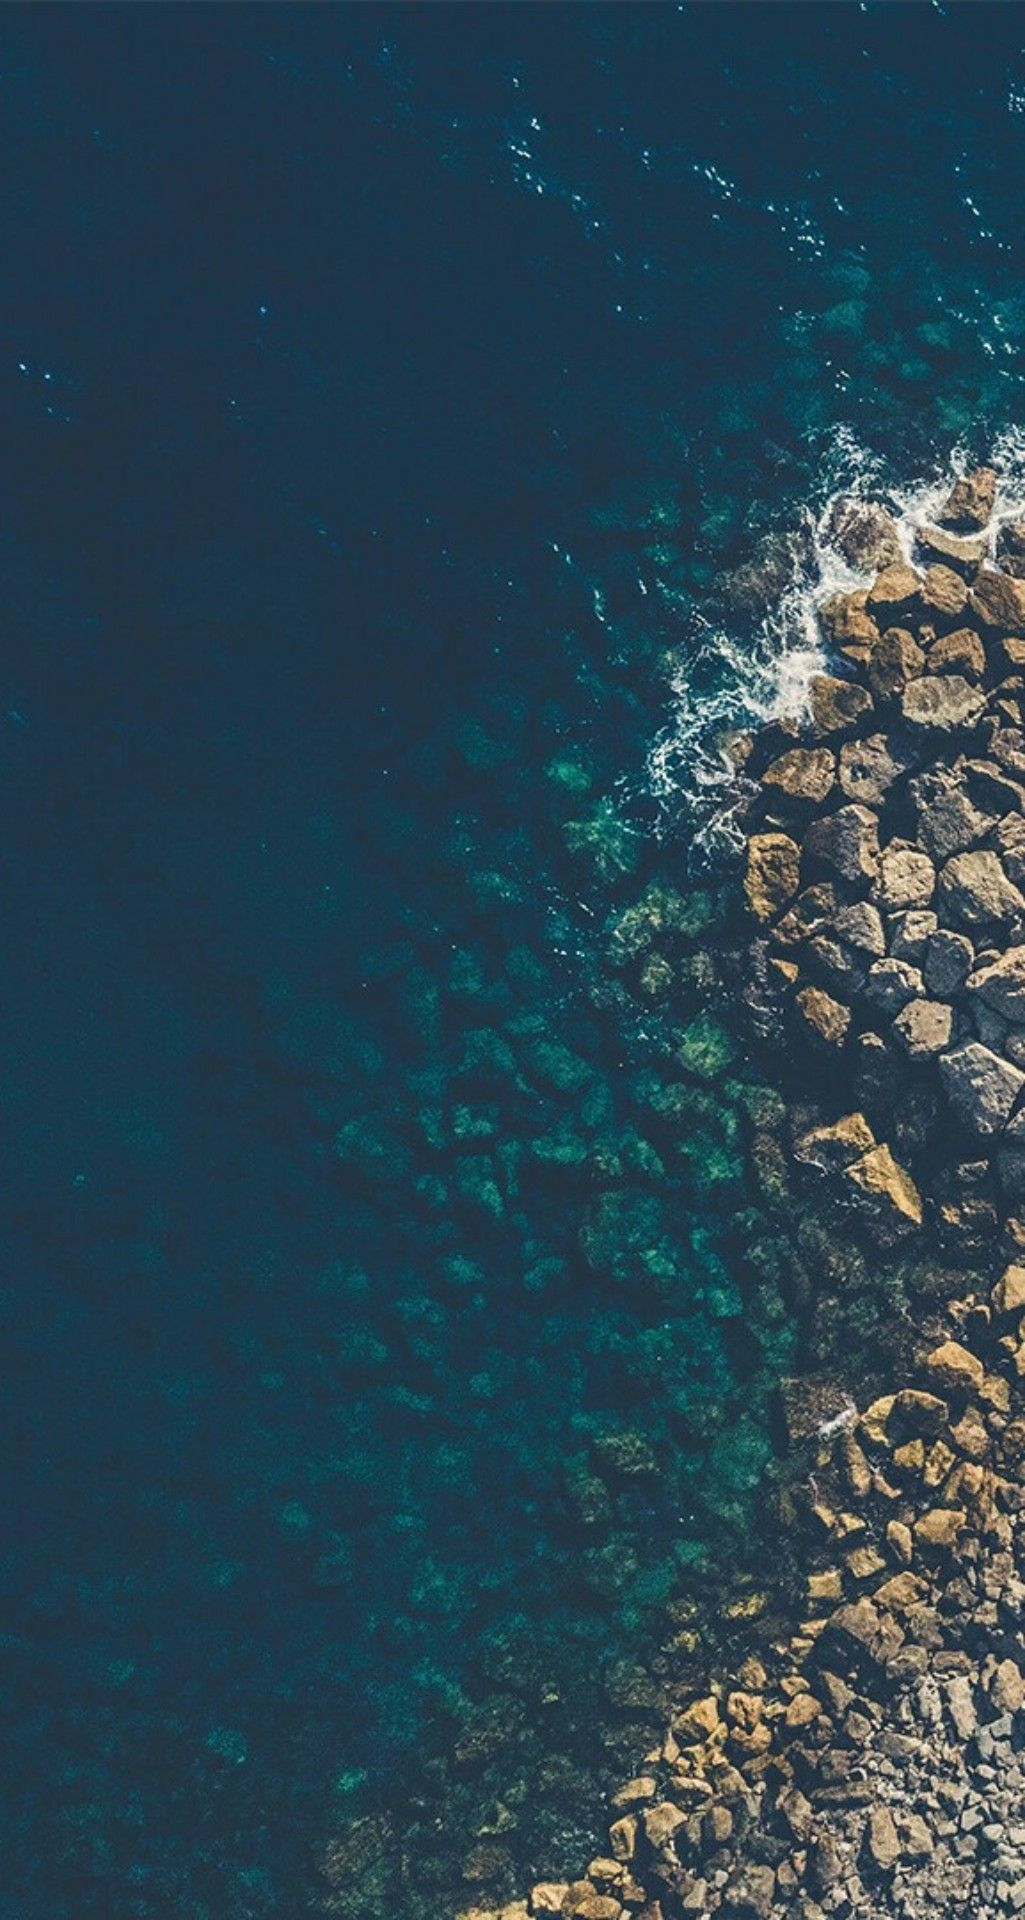 Ocean blue brown inspiration ocean pinterest - Wallpaper ocean blue ...